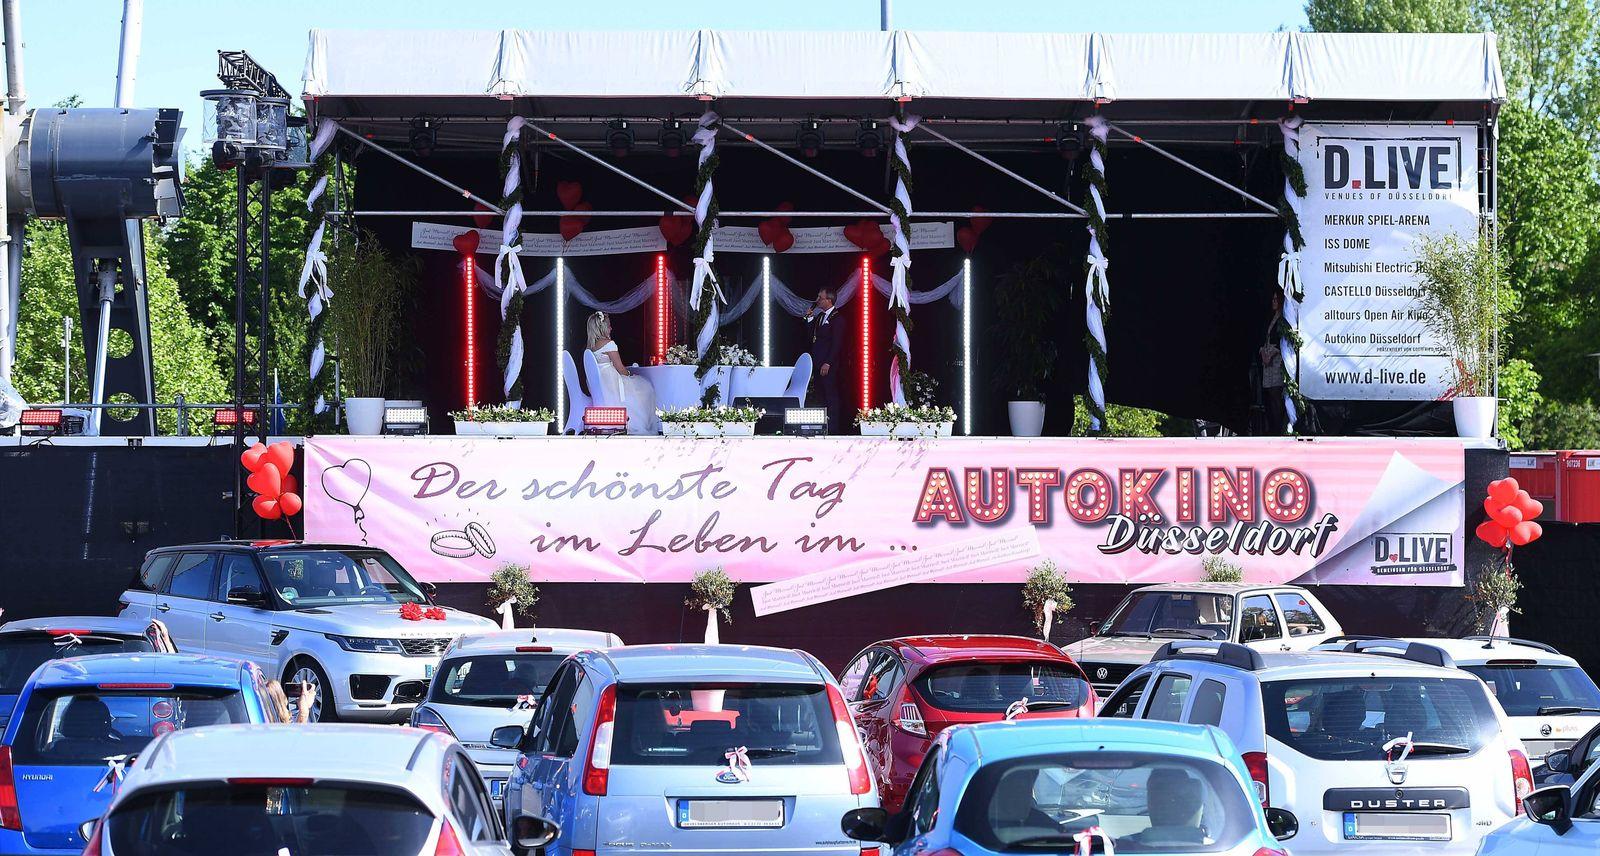 Coronavirus - Hochzeit im Autokino 05.05.2020, Nordrhein-Westfalen, Düsseldorf: Das Brautpaar Janine und Philip Scholz m